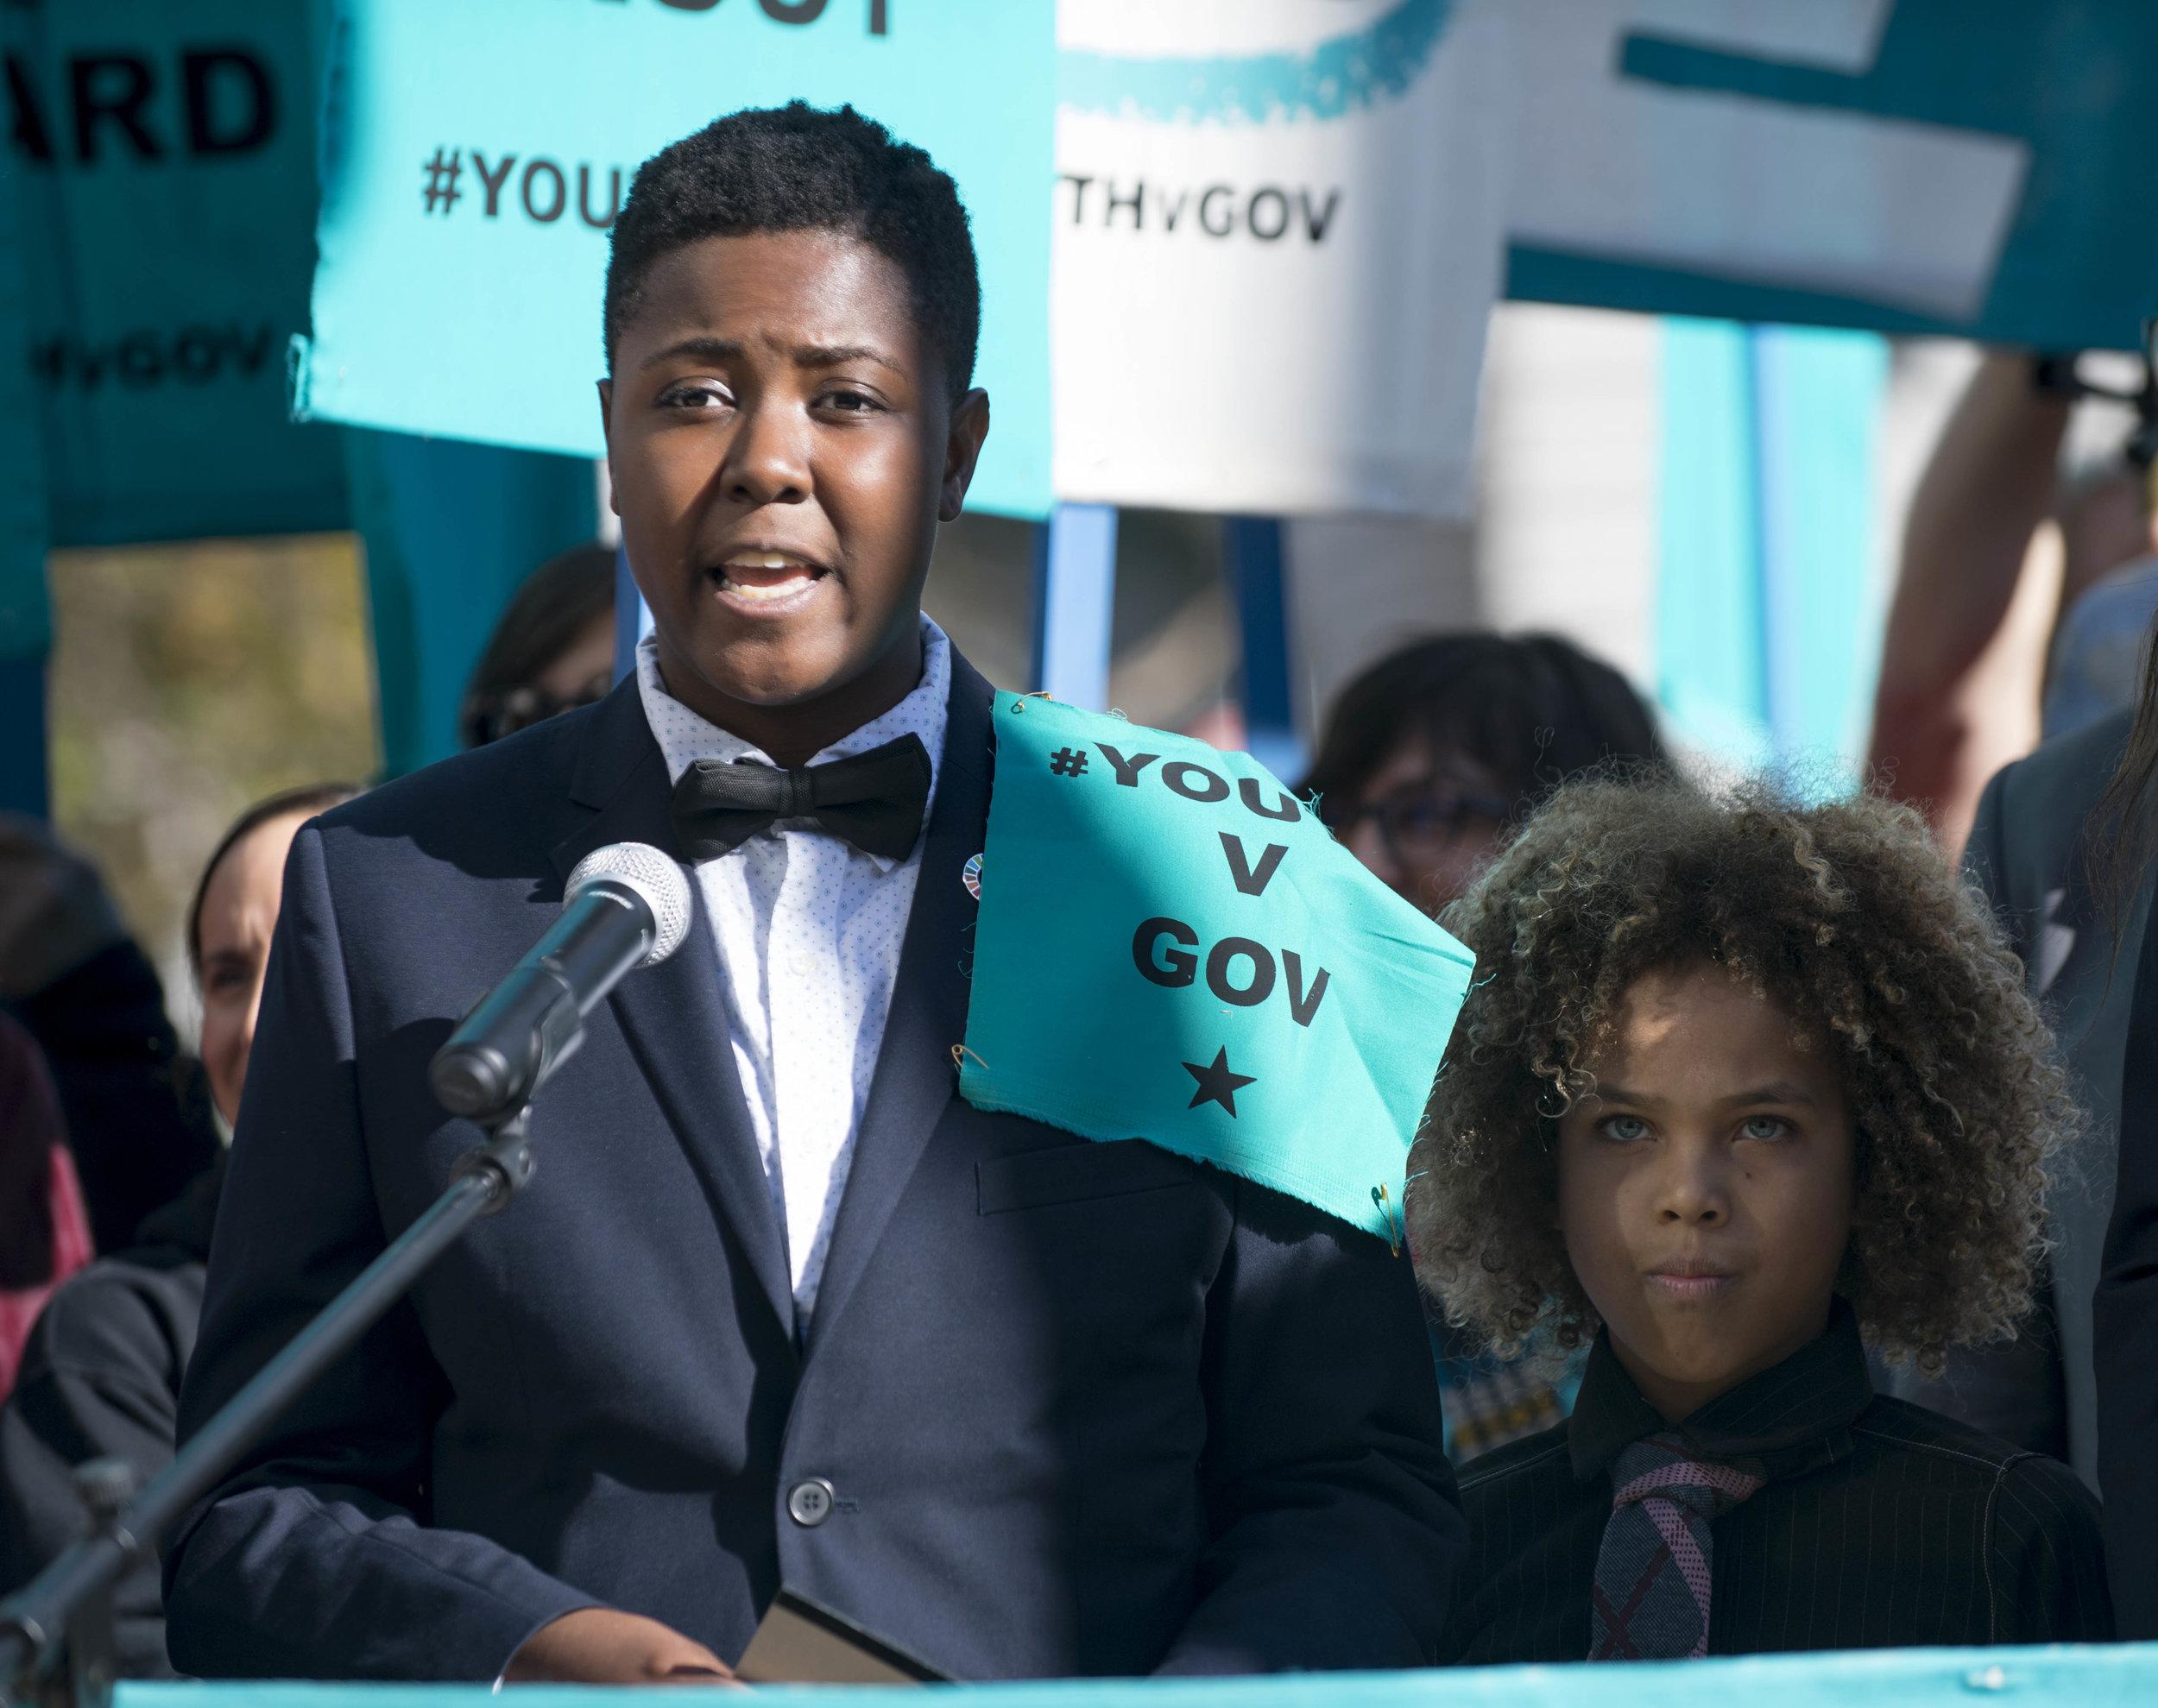 El demandante jóven Vic Barrett habla en un demonstración después de una audiencia en la histórica demanda de cambio climático  Juliana versus Estados Unidos , en el 9.º Circuito de la Corte de Apelaciones de San Francisco. Foto por: Robin Loznak / Our Children's Trust